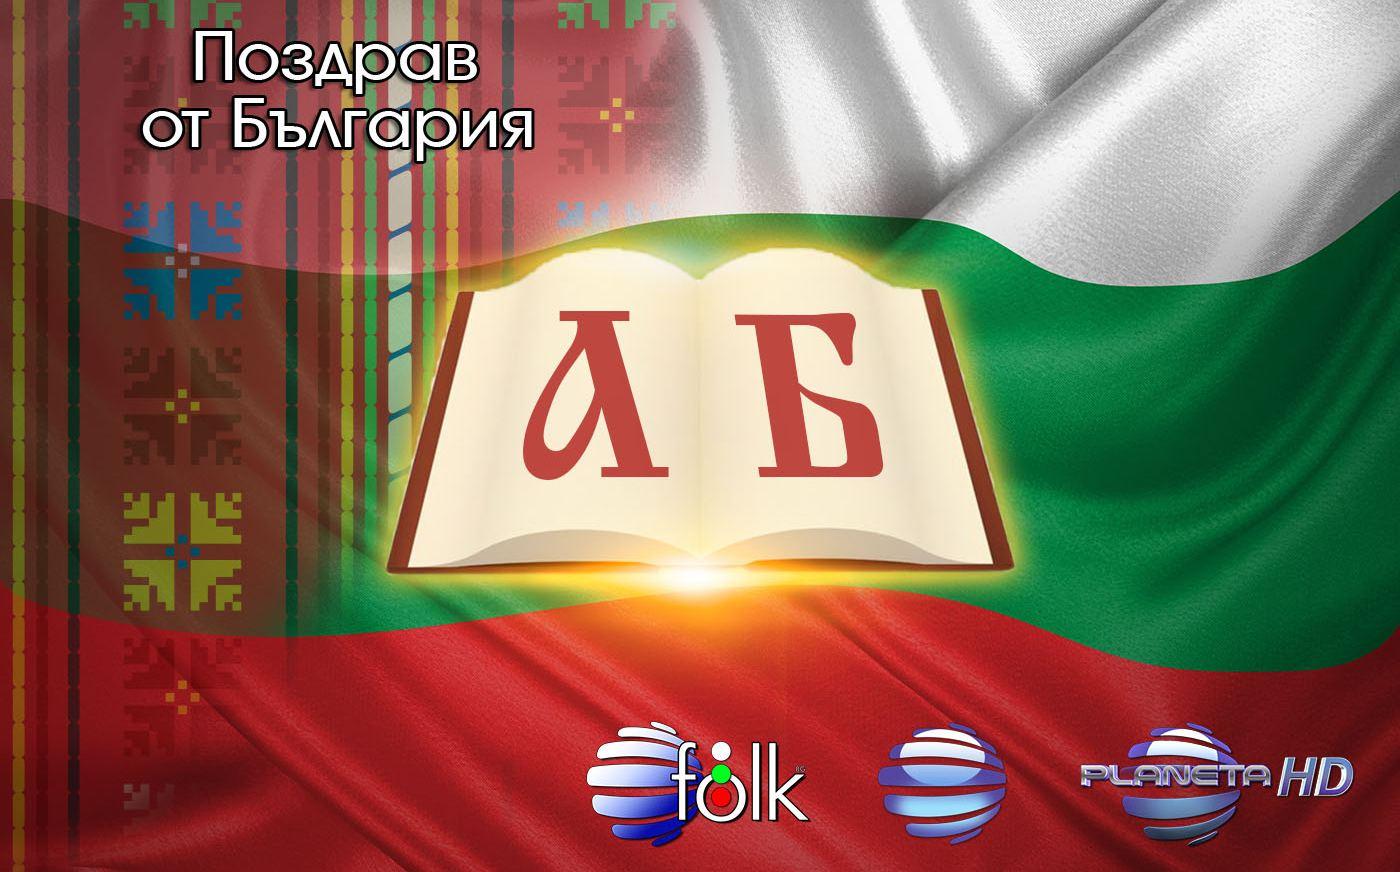 Поздрав от България за 24 май